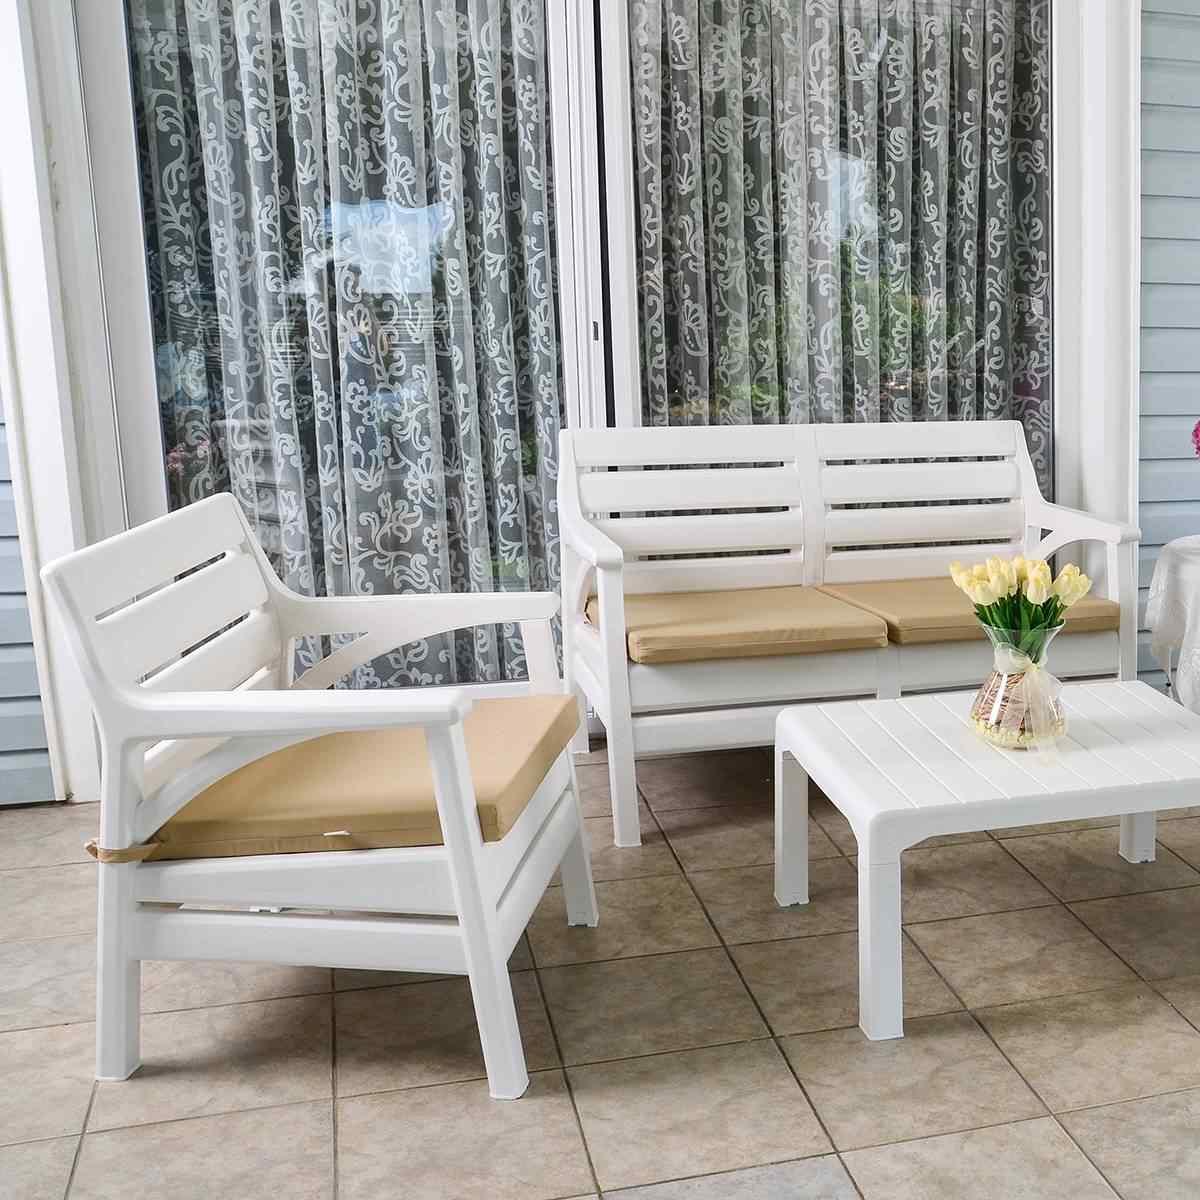 Holiday Miami Oturma Grubu Bahçe Ve Balkon Koltuk Takımı Beyaz